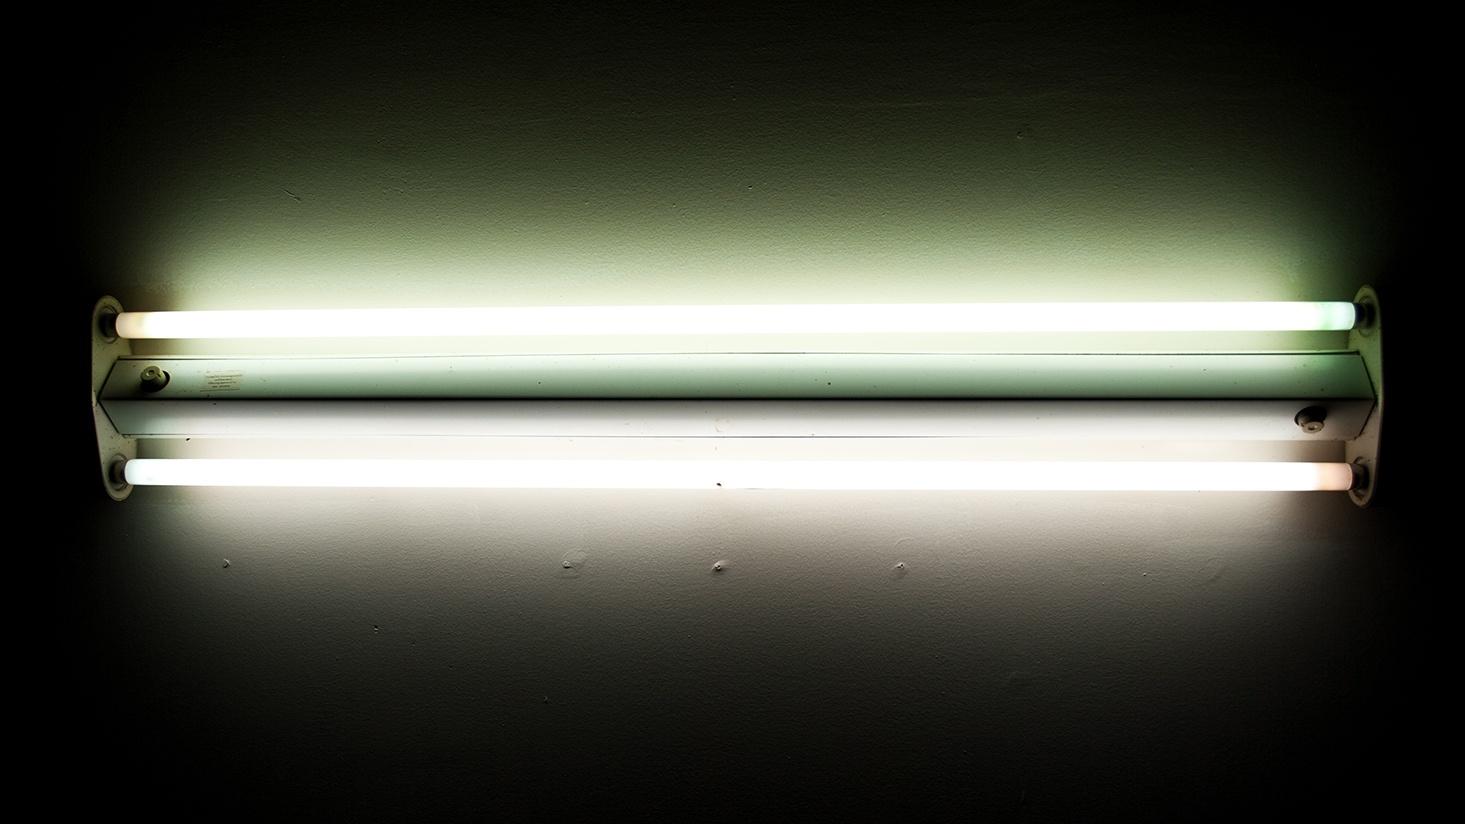 bigstock-Flourescent-Light-9743114.jpg